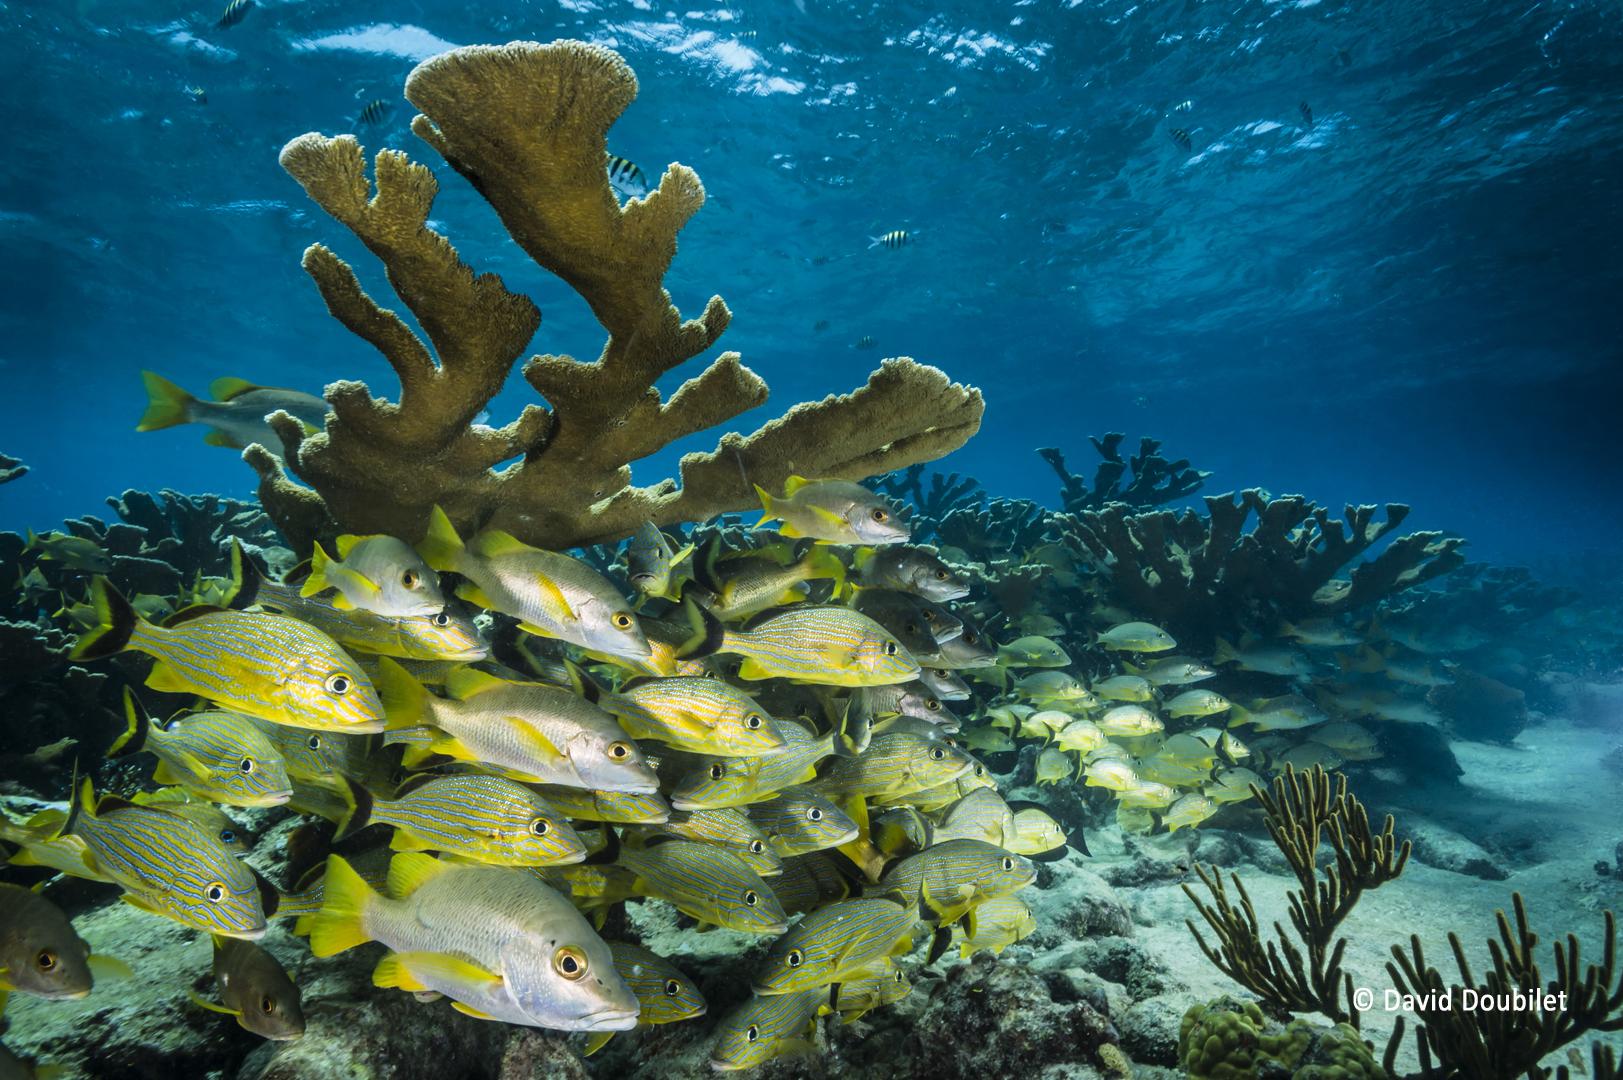 Une capsule temporelle. Les poissons des récifs s'empilent dans les larges branches protectrices du corail Elkhorn. Ces espèces de coraux ont disparu dans leur forme d'origine dans les Caraïbes, mais elles fleurissent dans les récifs protégés des Jardins de la Reine à Cuba. Plonger dans ce sanctuaire marin national, c'est comme être dans une capsule temporelle.